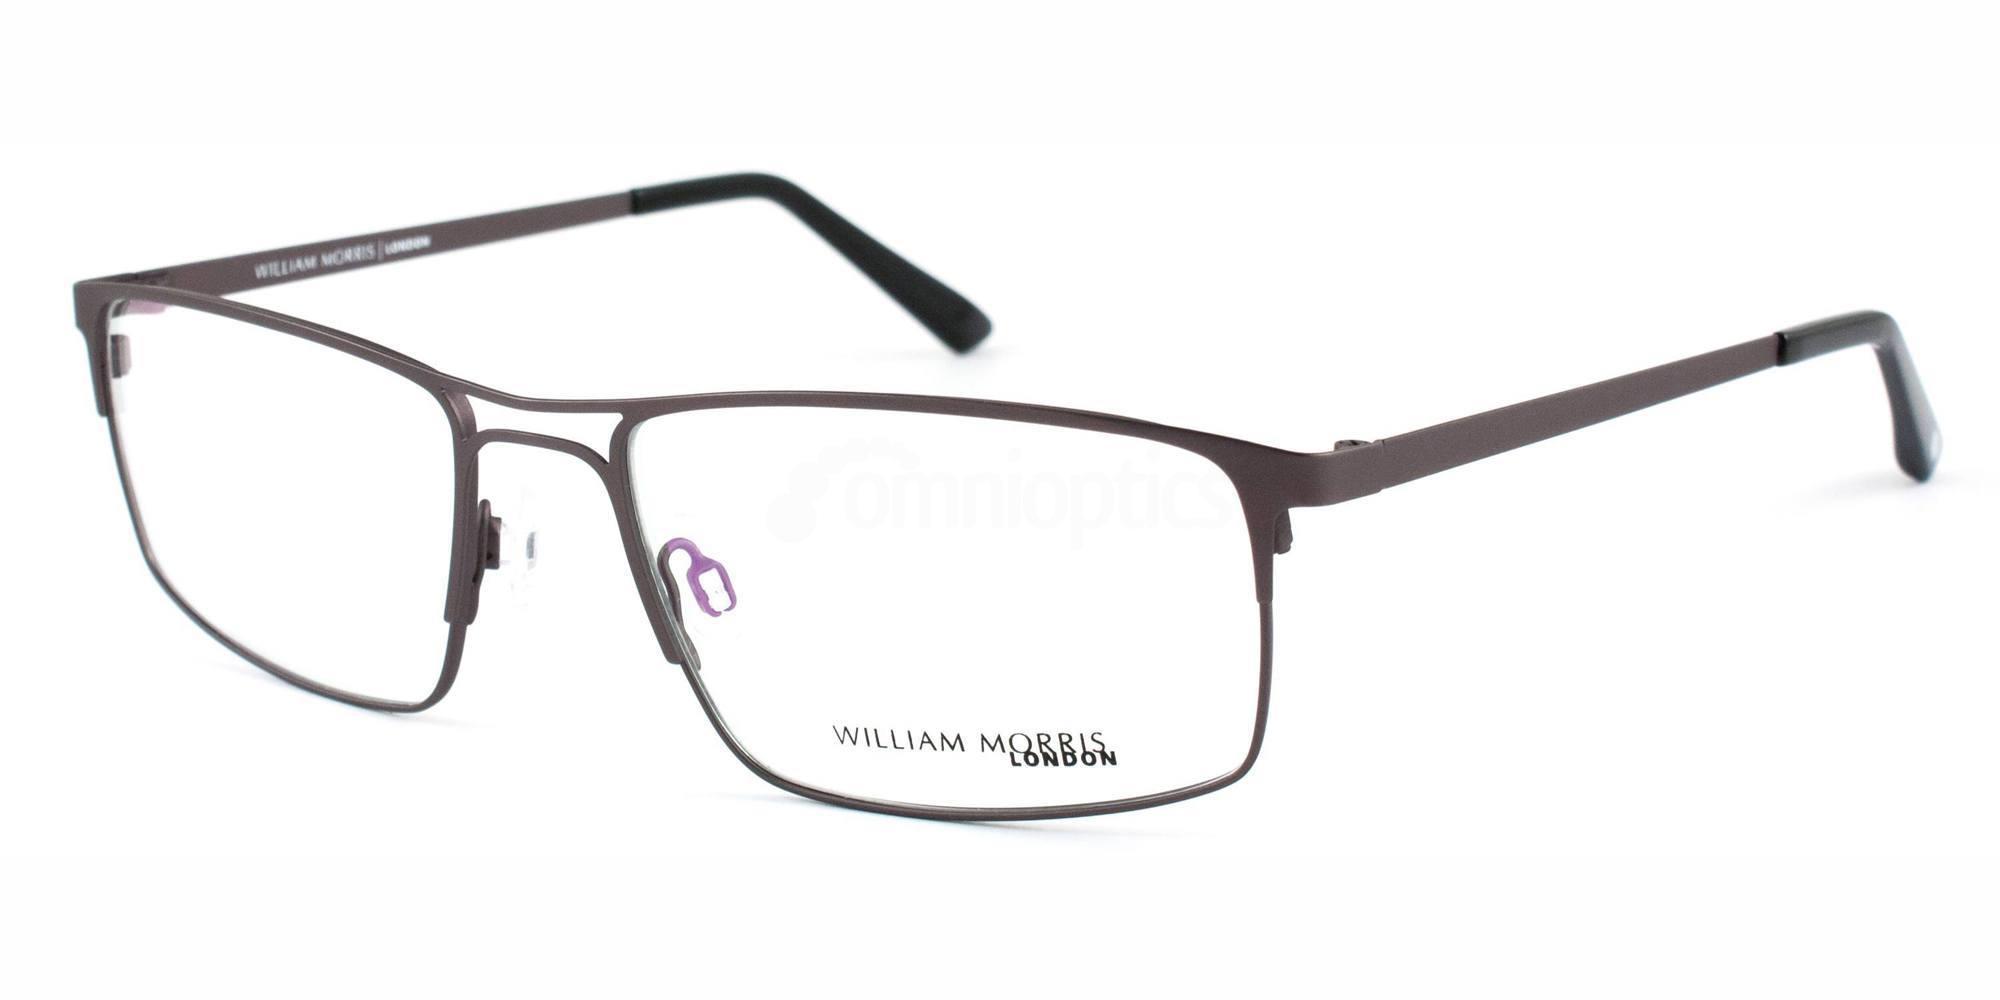 C1 WL2258 , William Morris London